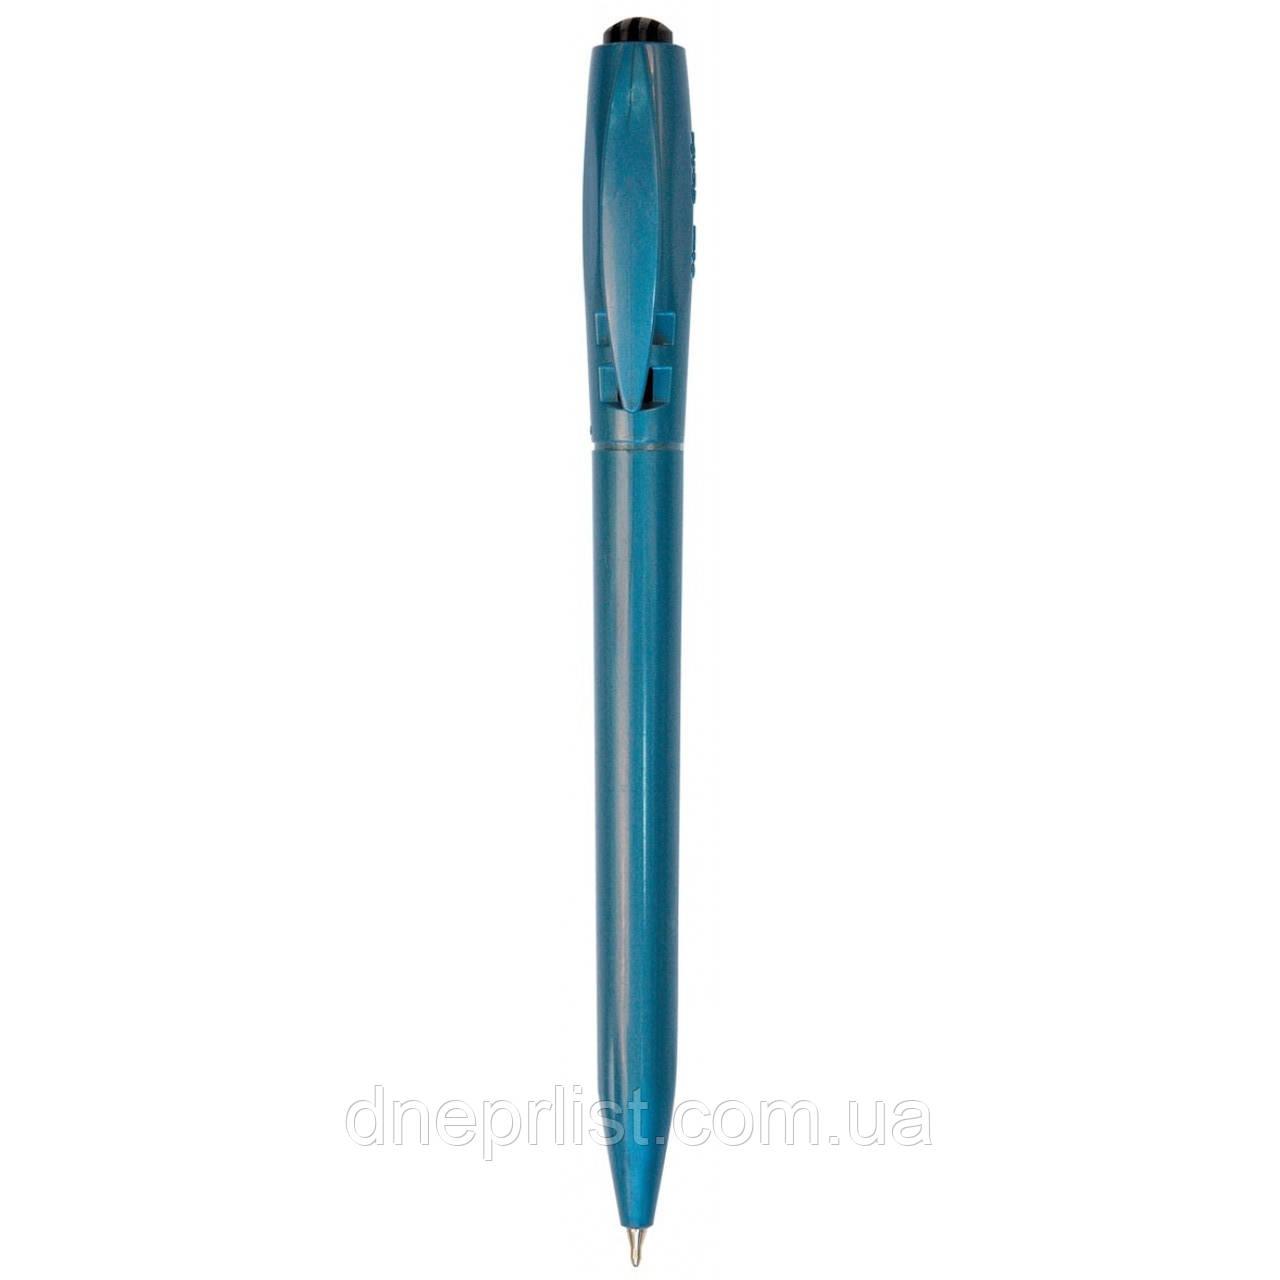 """Ручка автоматическая """"Soffy"""" синяя 0,7 мм / LINC"""